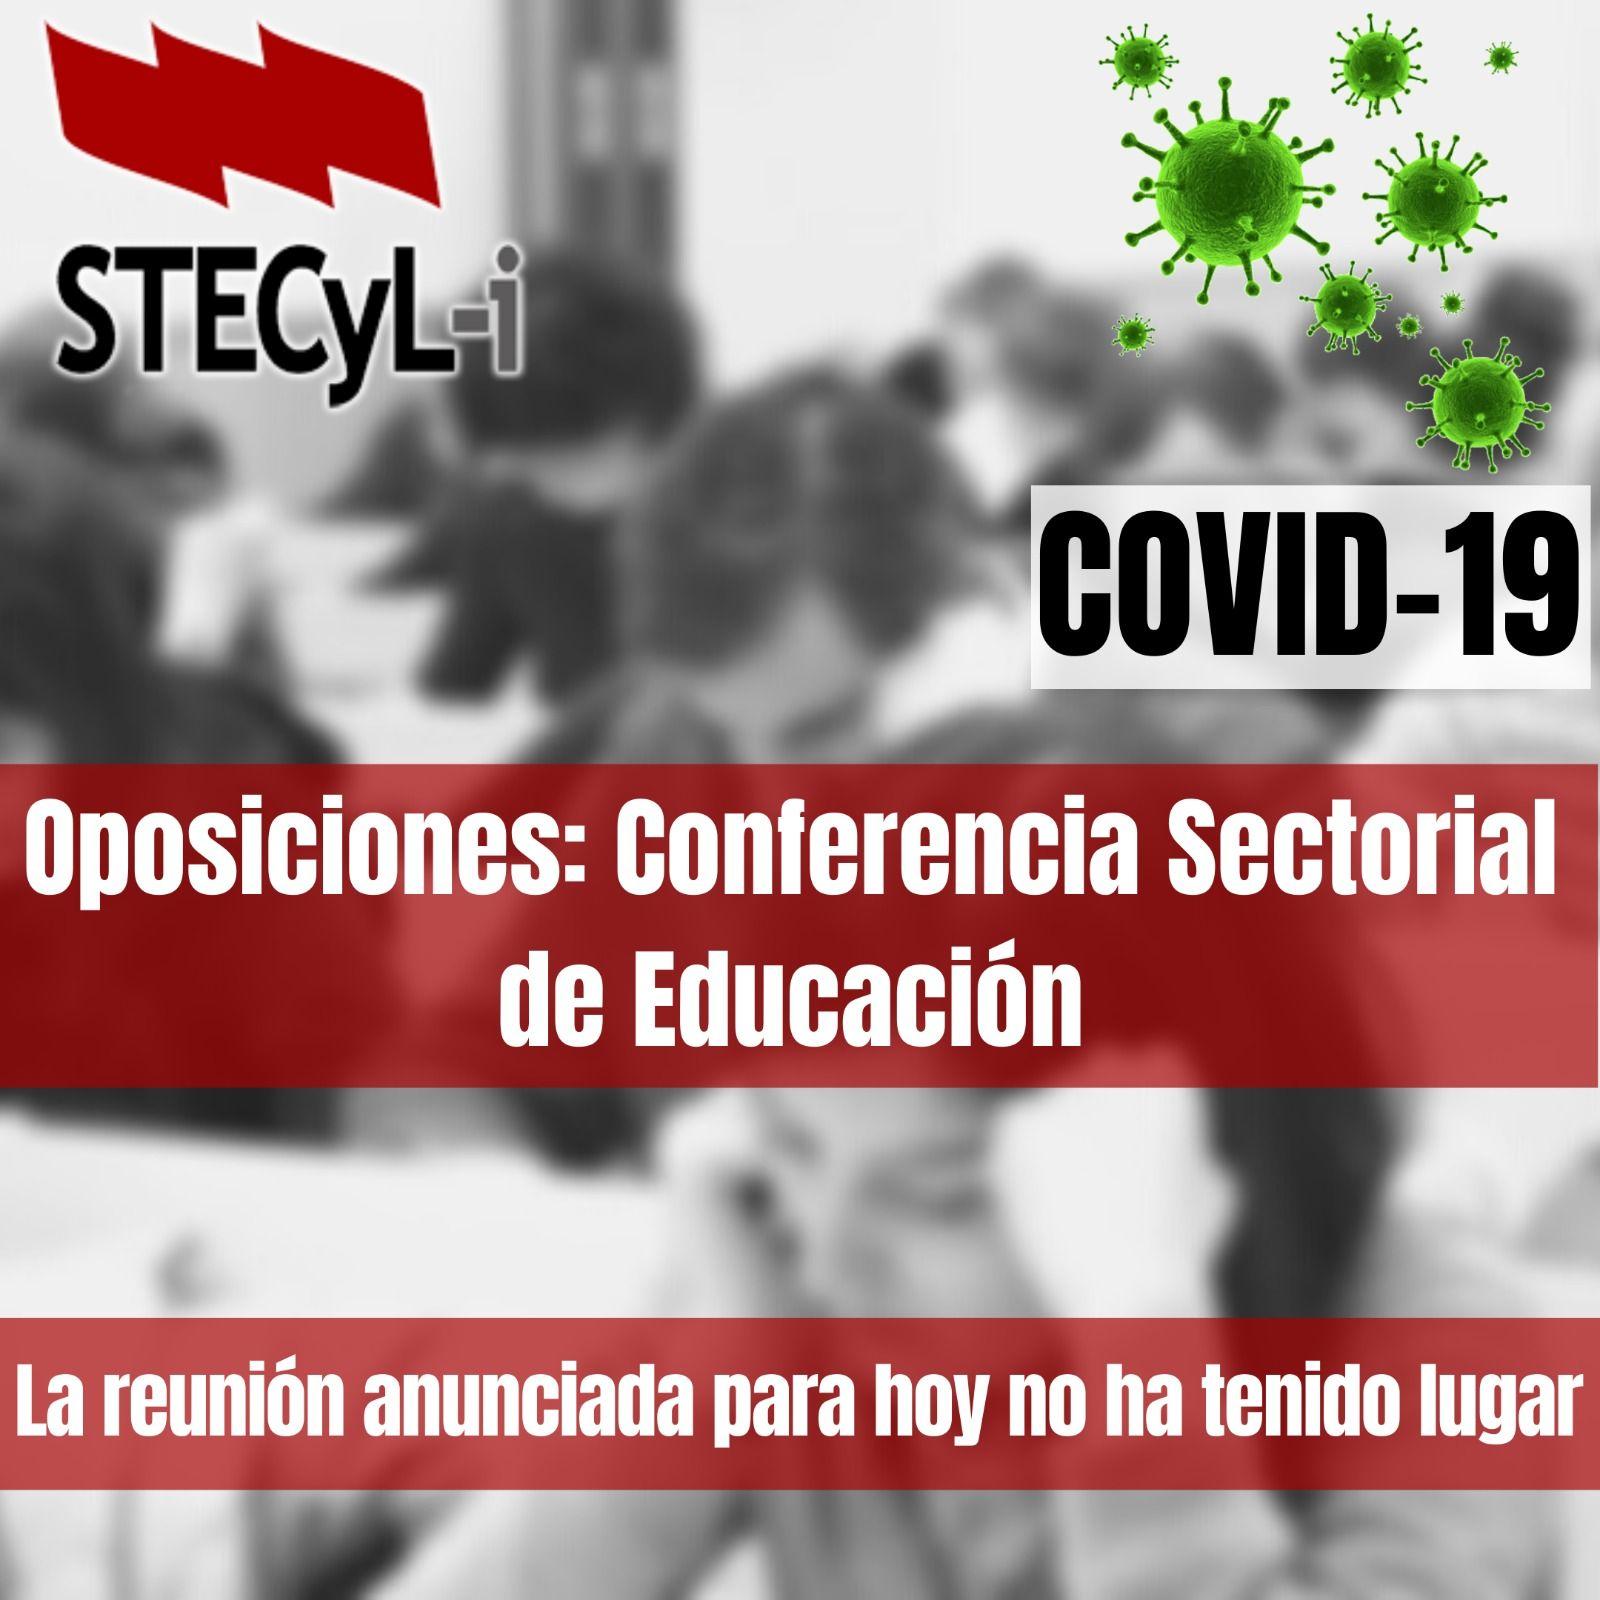 Oposiciones covid-19